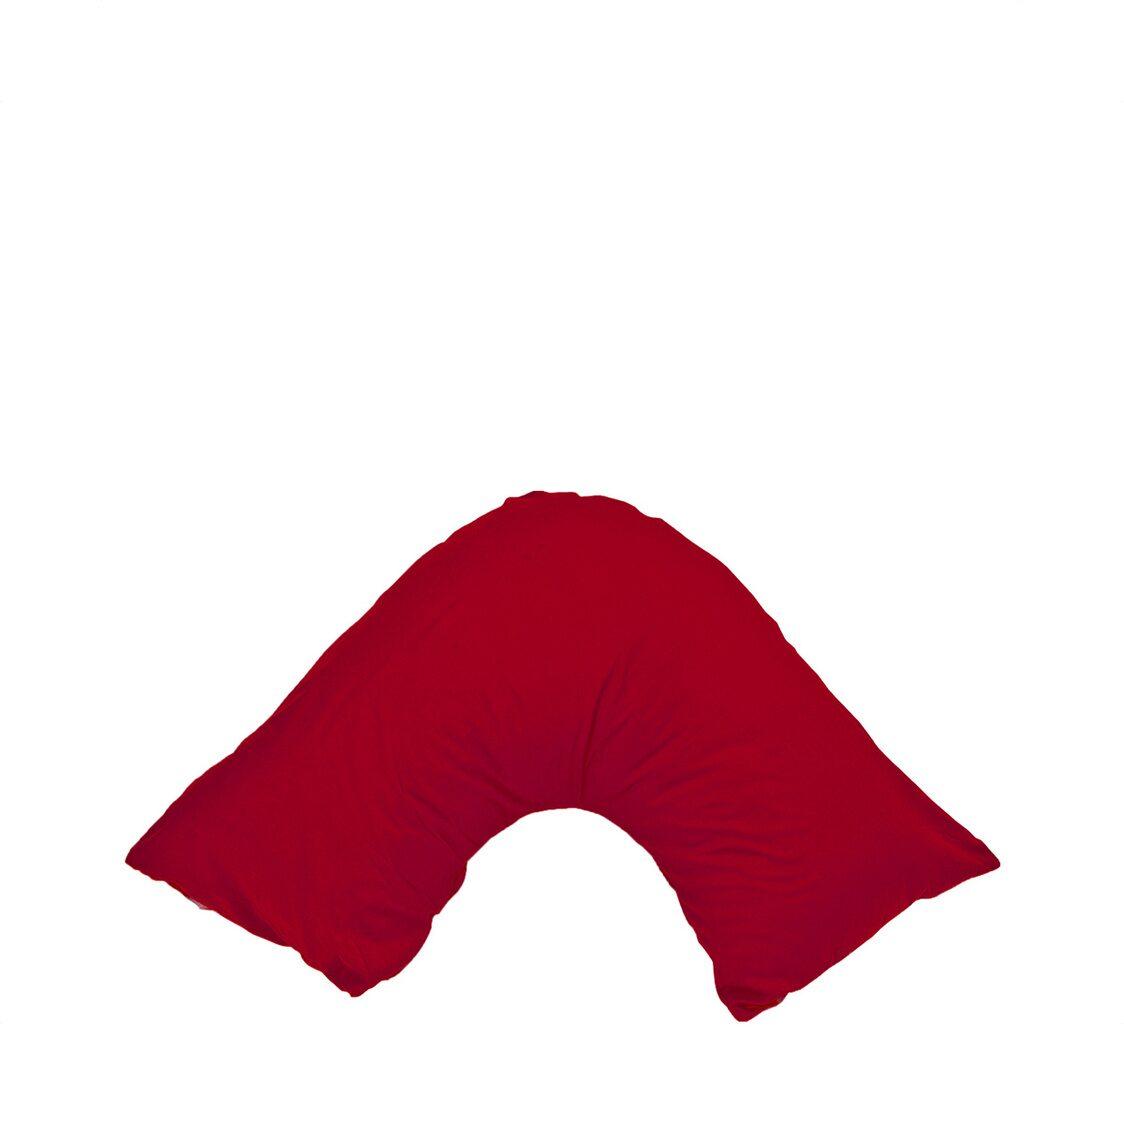 JRapee Cuddle U Set Red 82x91x30cm